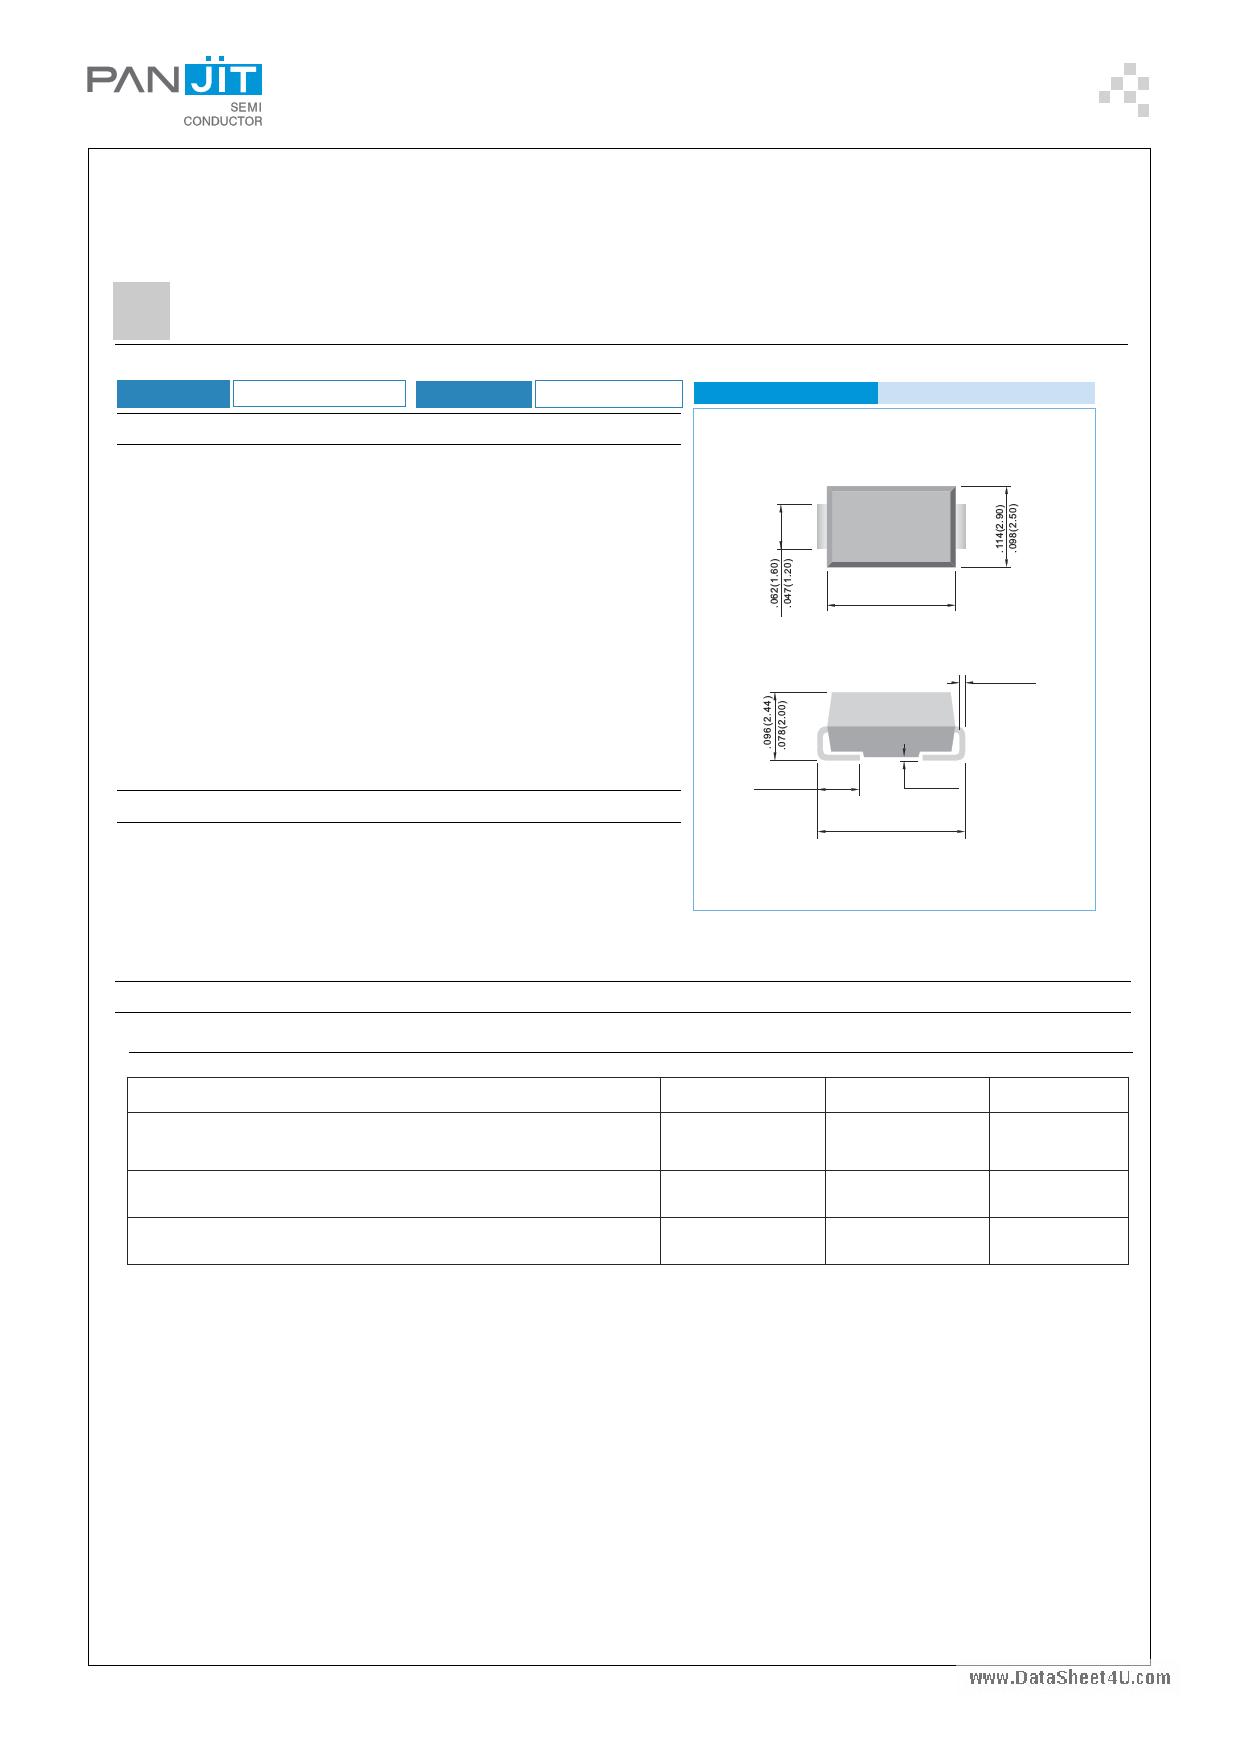 1SMA4729 datasheet